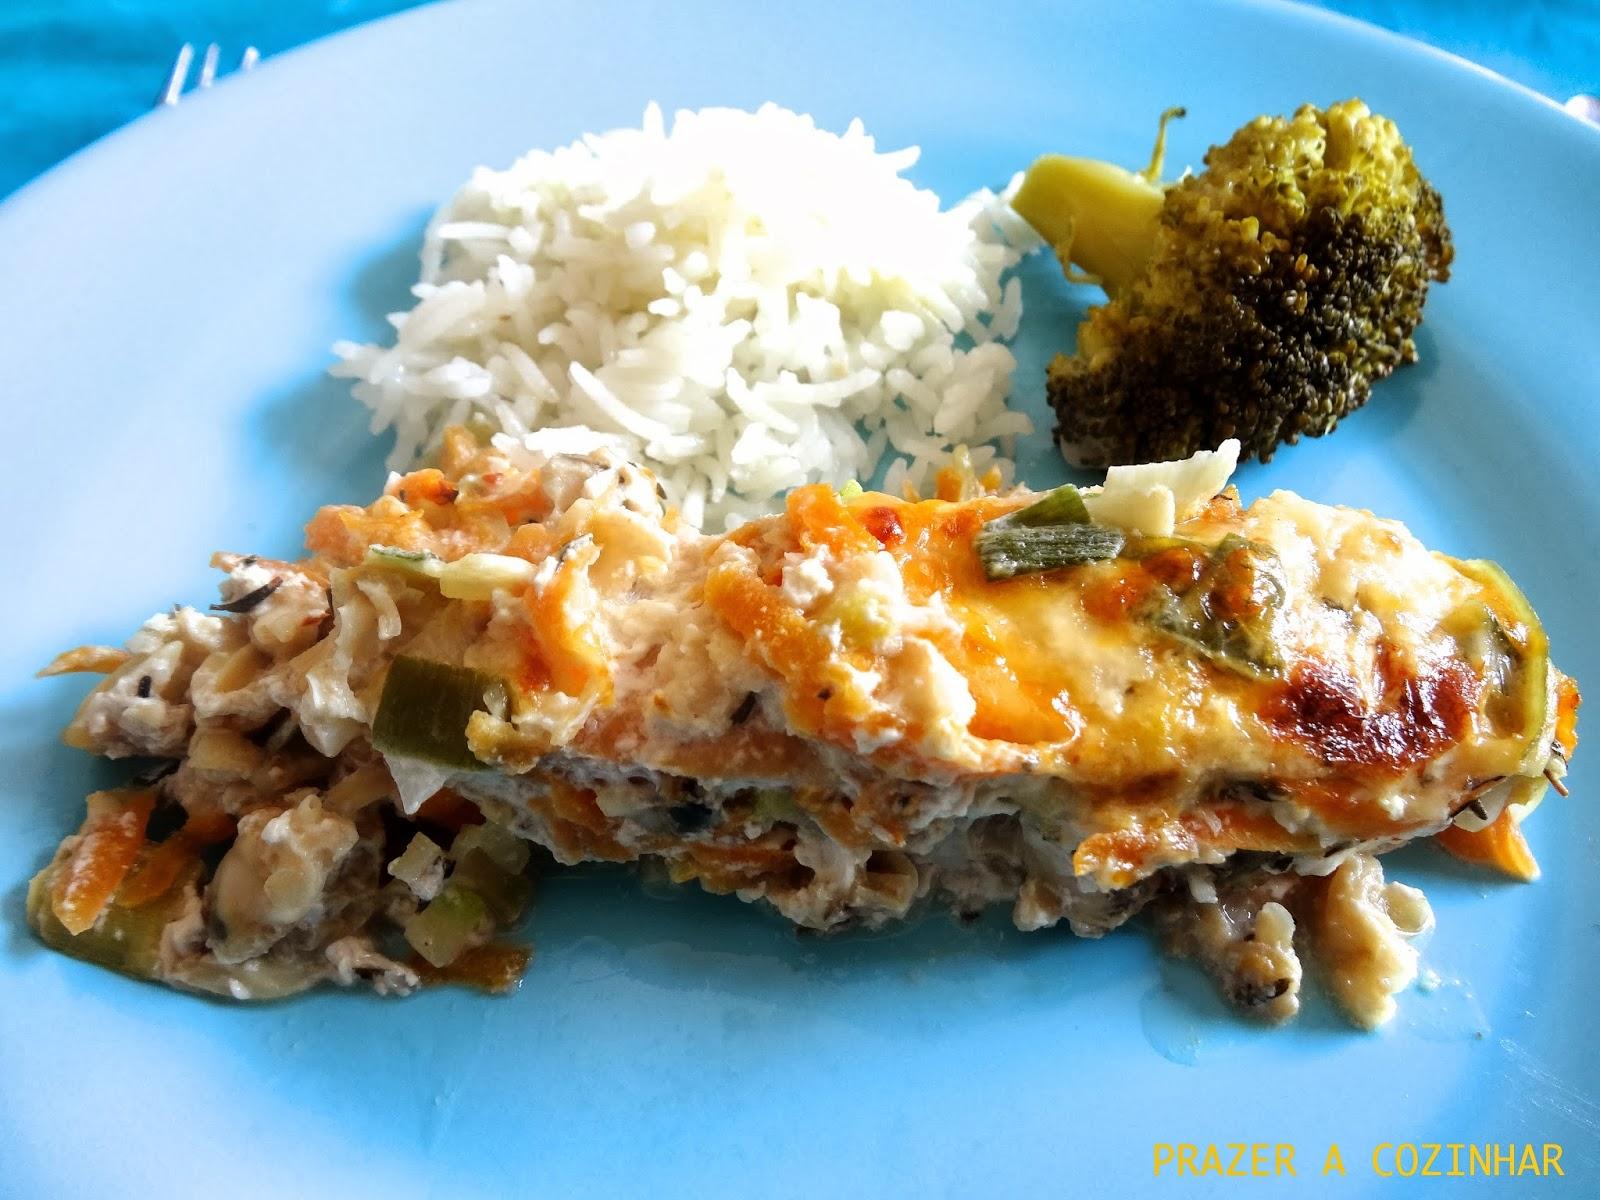 prazer a cozinhar - Salmão no forno com curgete, alho francês, cenoura e queijo